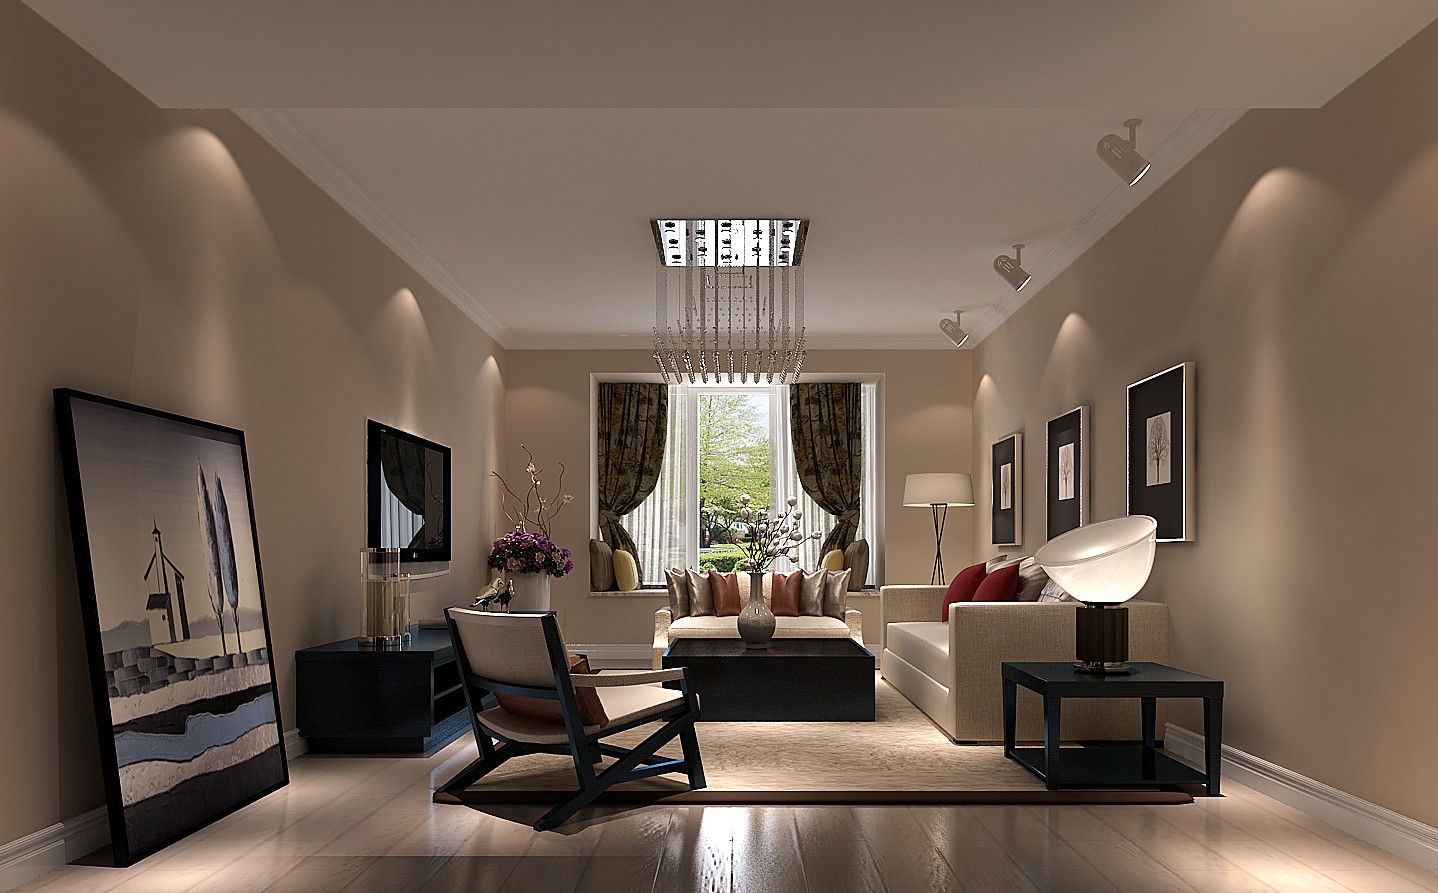 客厅 客厅图片来自专业别墅设计工作室在润泽公馆现代简约风格的分享